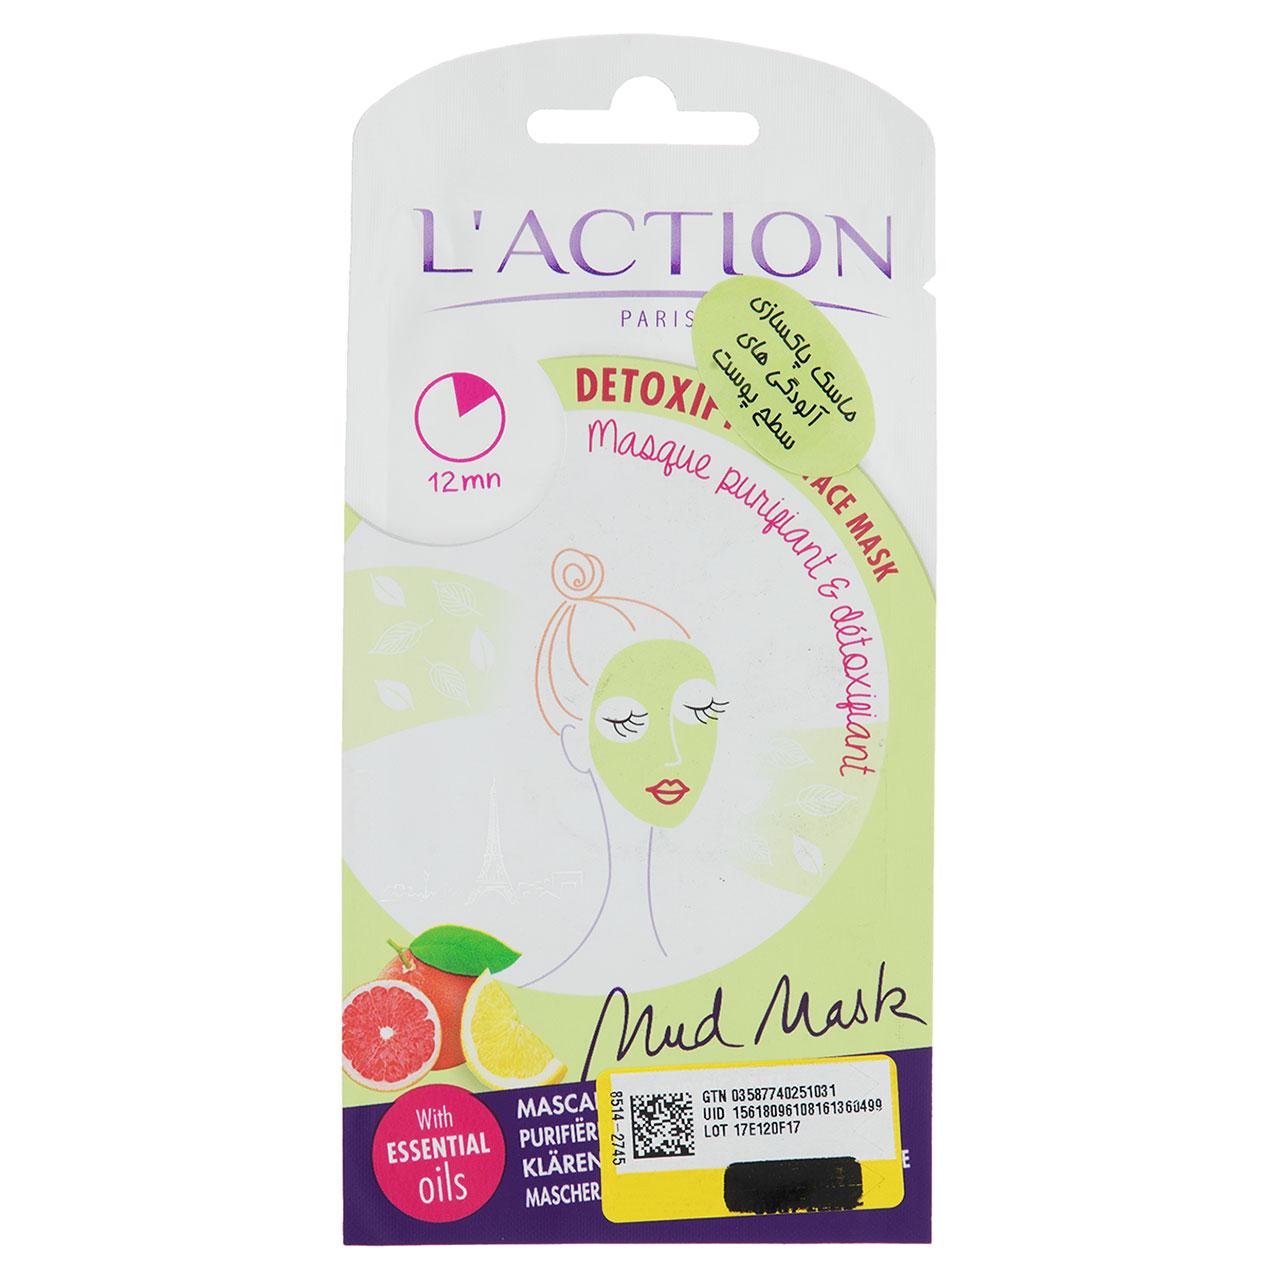 قیمت ماسک صورت لکسیون مدل پاکسازی کننده آلودگیهای سطح پوست مقدار 15 گرم